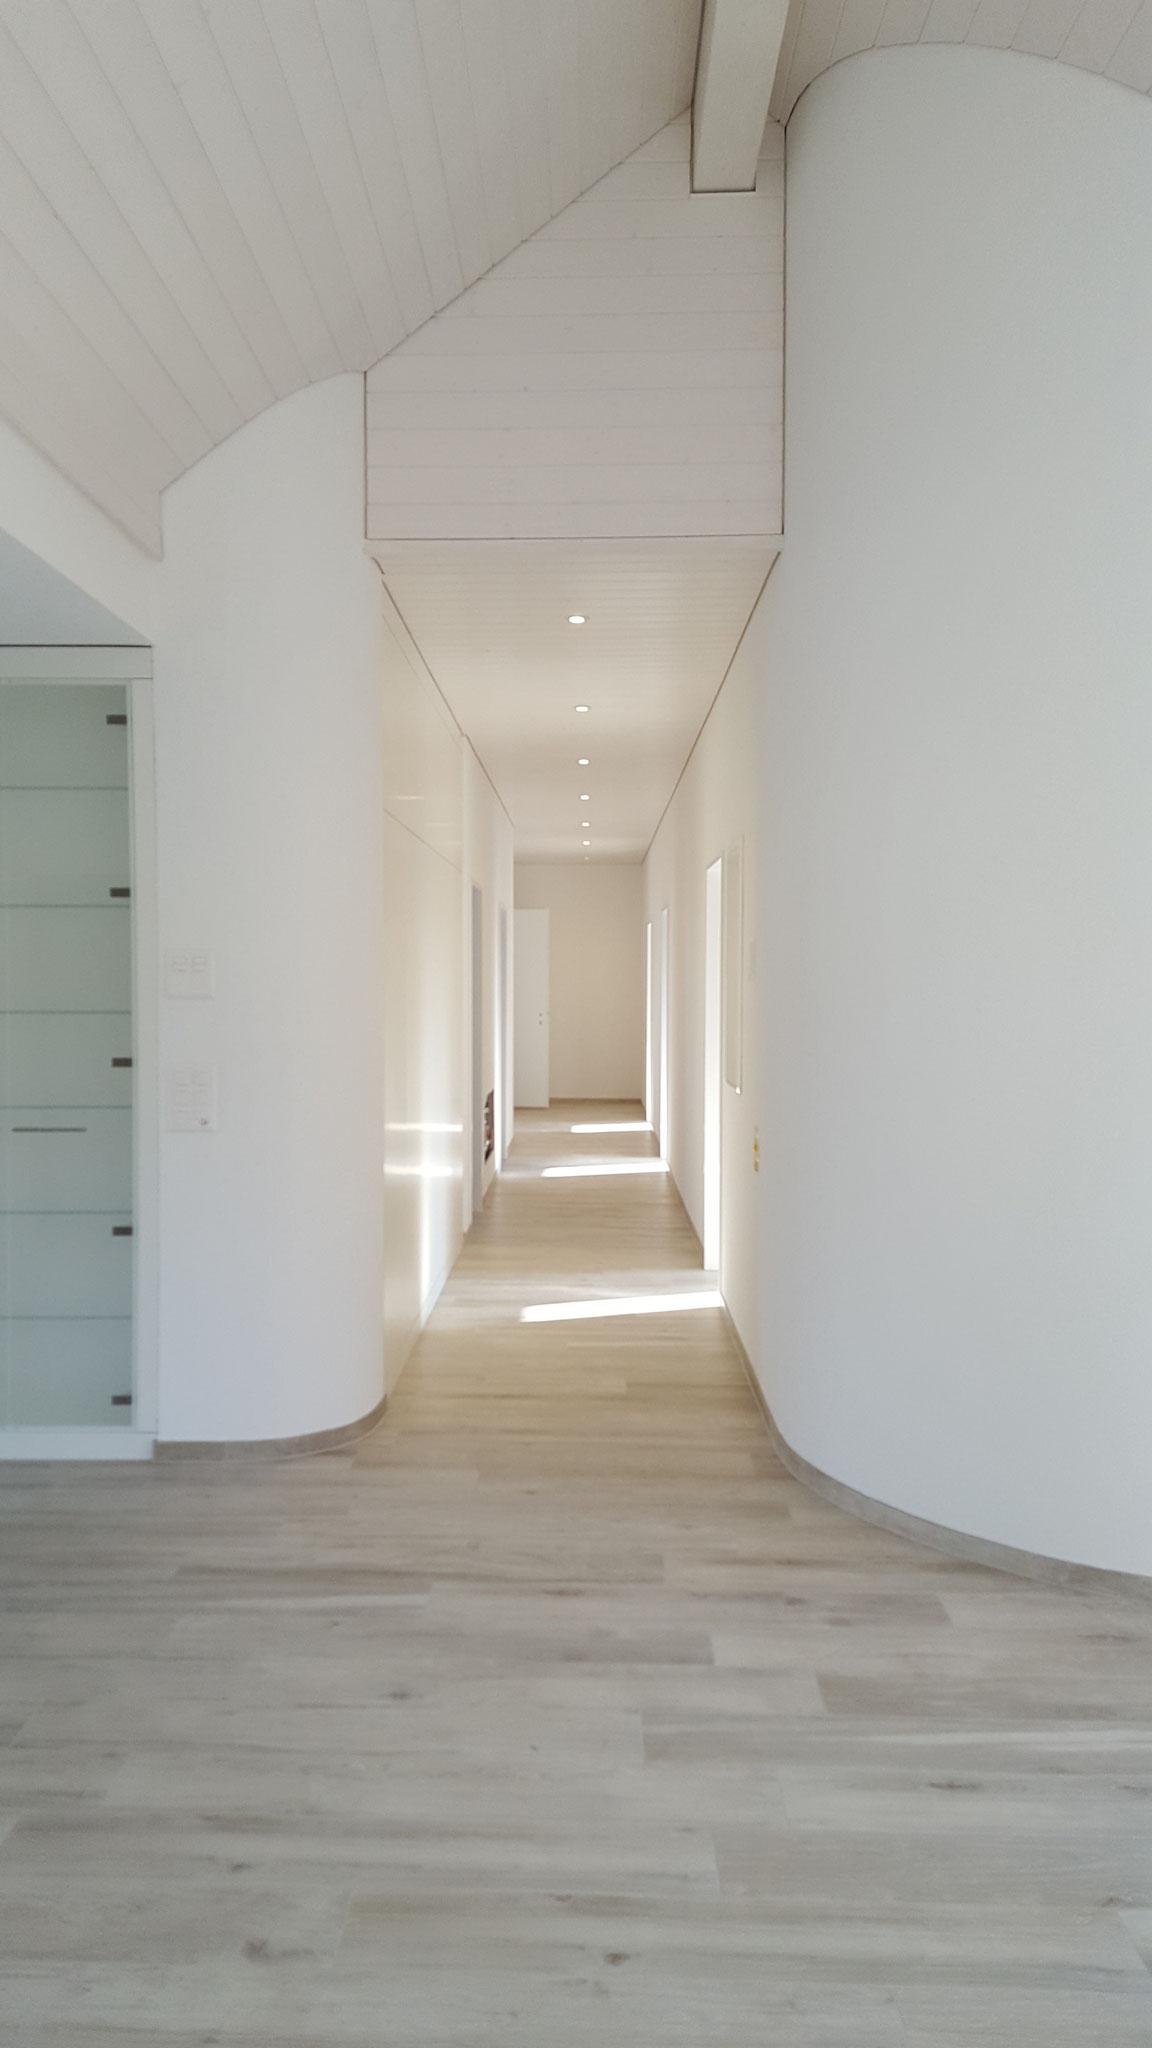 Korridor 4.5 Zimmer Wohnung